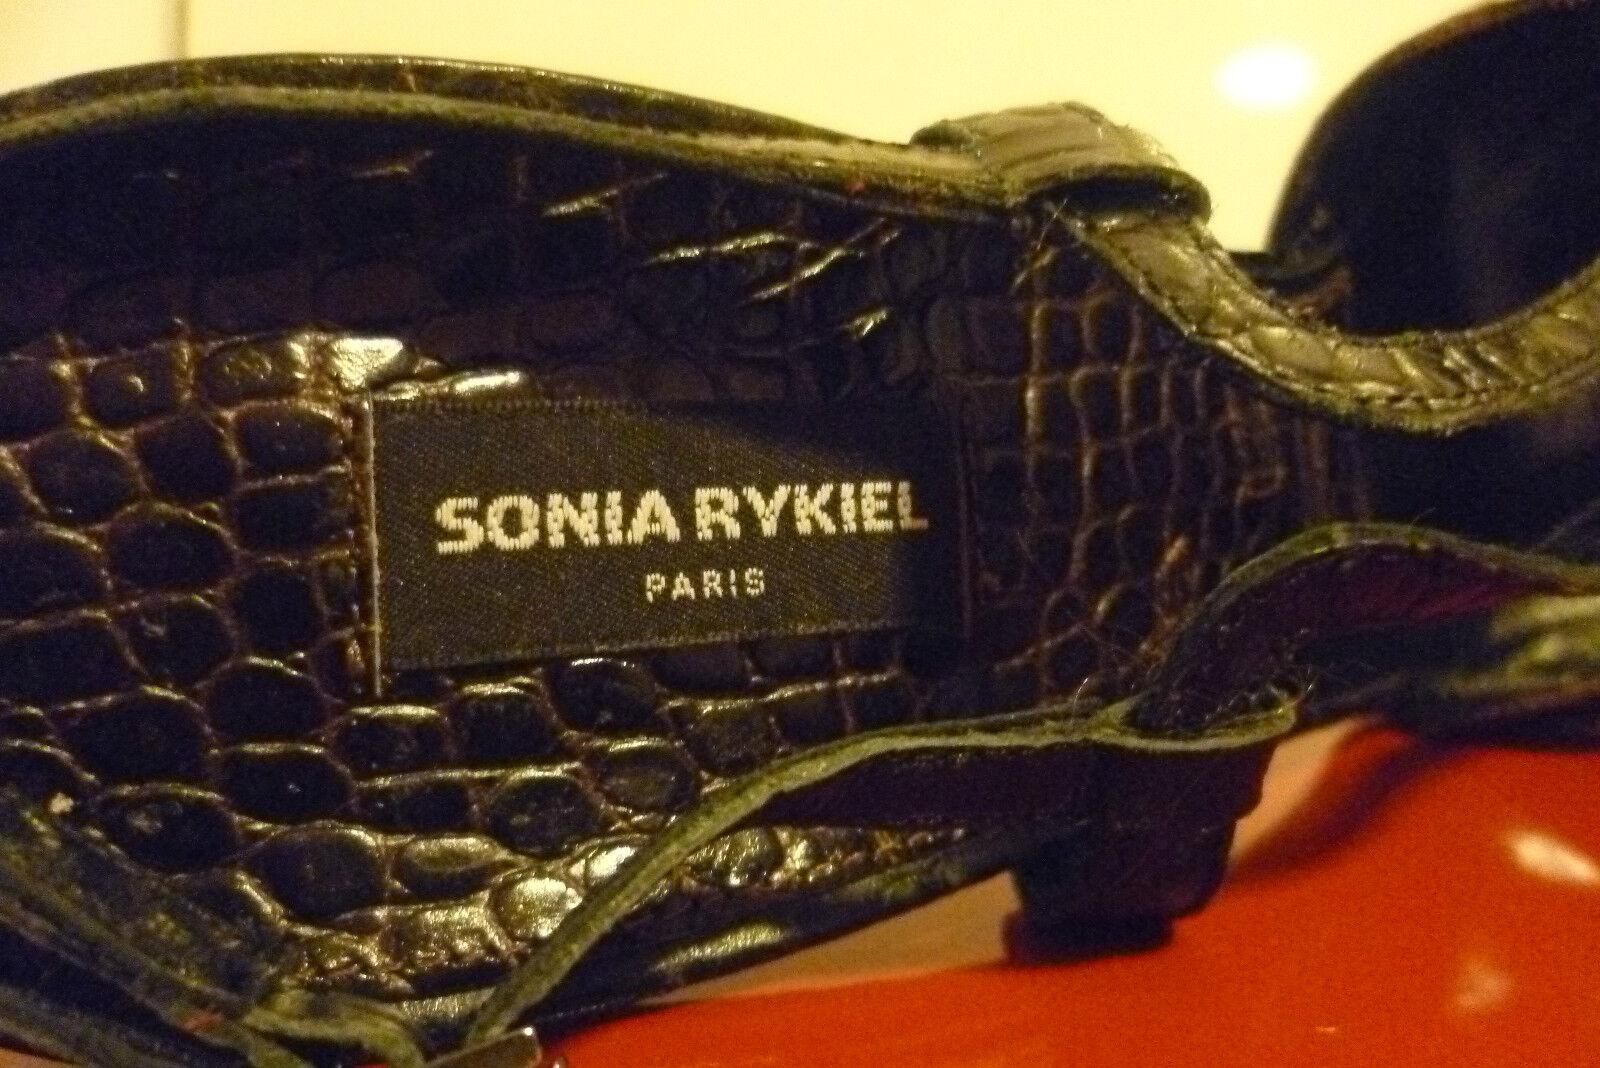 Sonia Rykiel Scarpe Col Tacco 41 Piattaforma Peeptoe Peeptoe Peeptoe in Pelle Nuovi Sandali Coccodrillo Nuovo senza scatola bdcb24